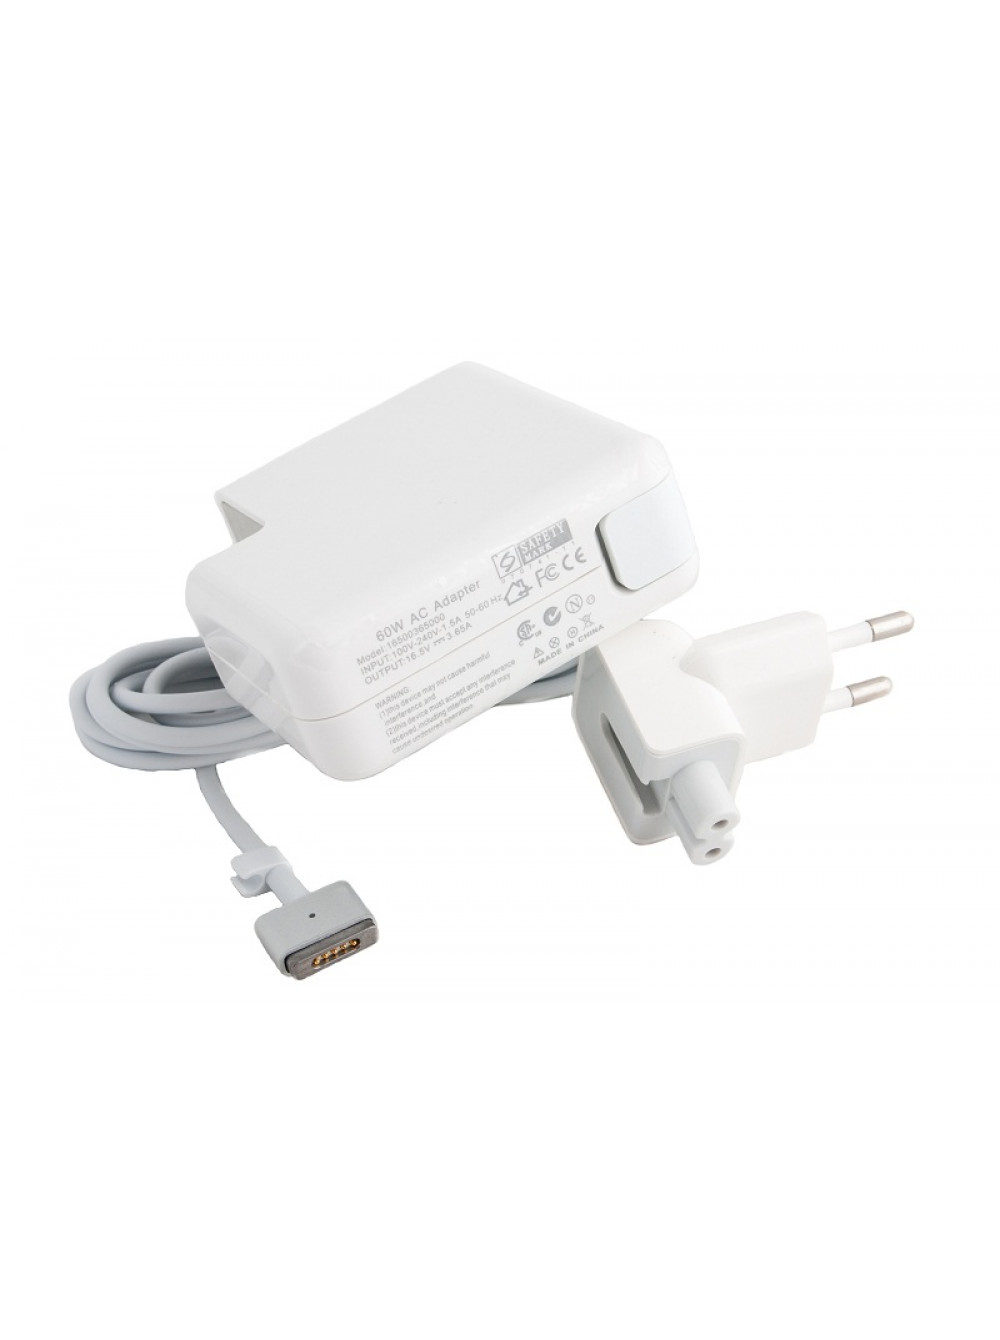 Зарядное устройство для Apple Macbook PowerPlant 220V, 16.5V 60W 3.65A (MagSafe 2)